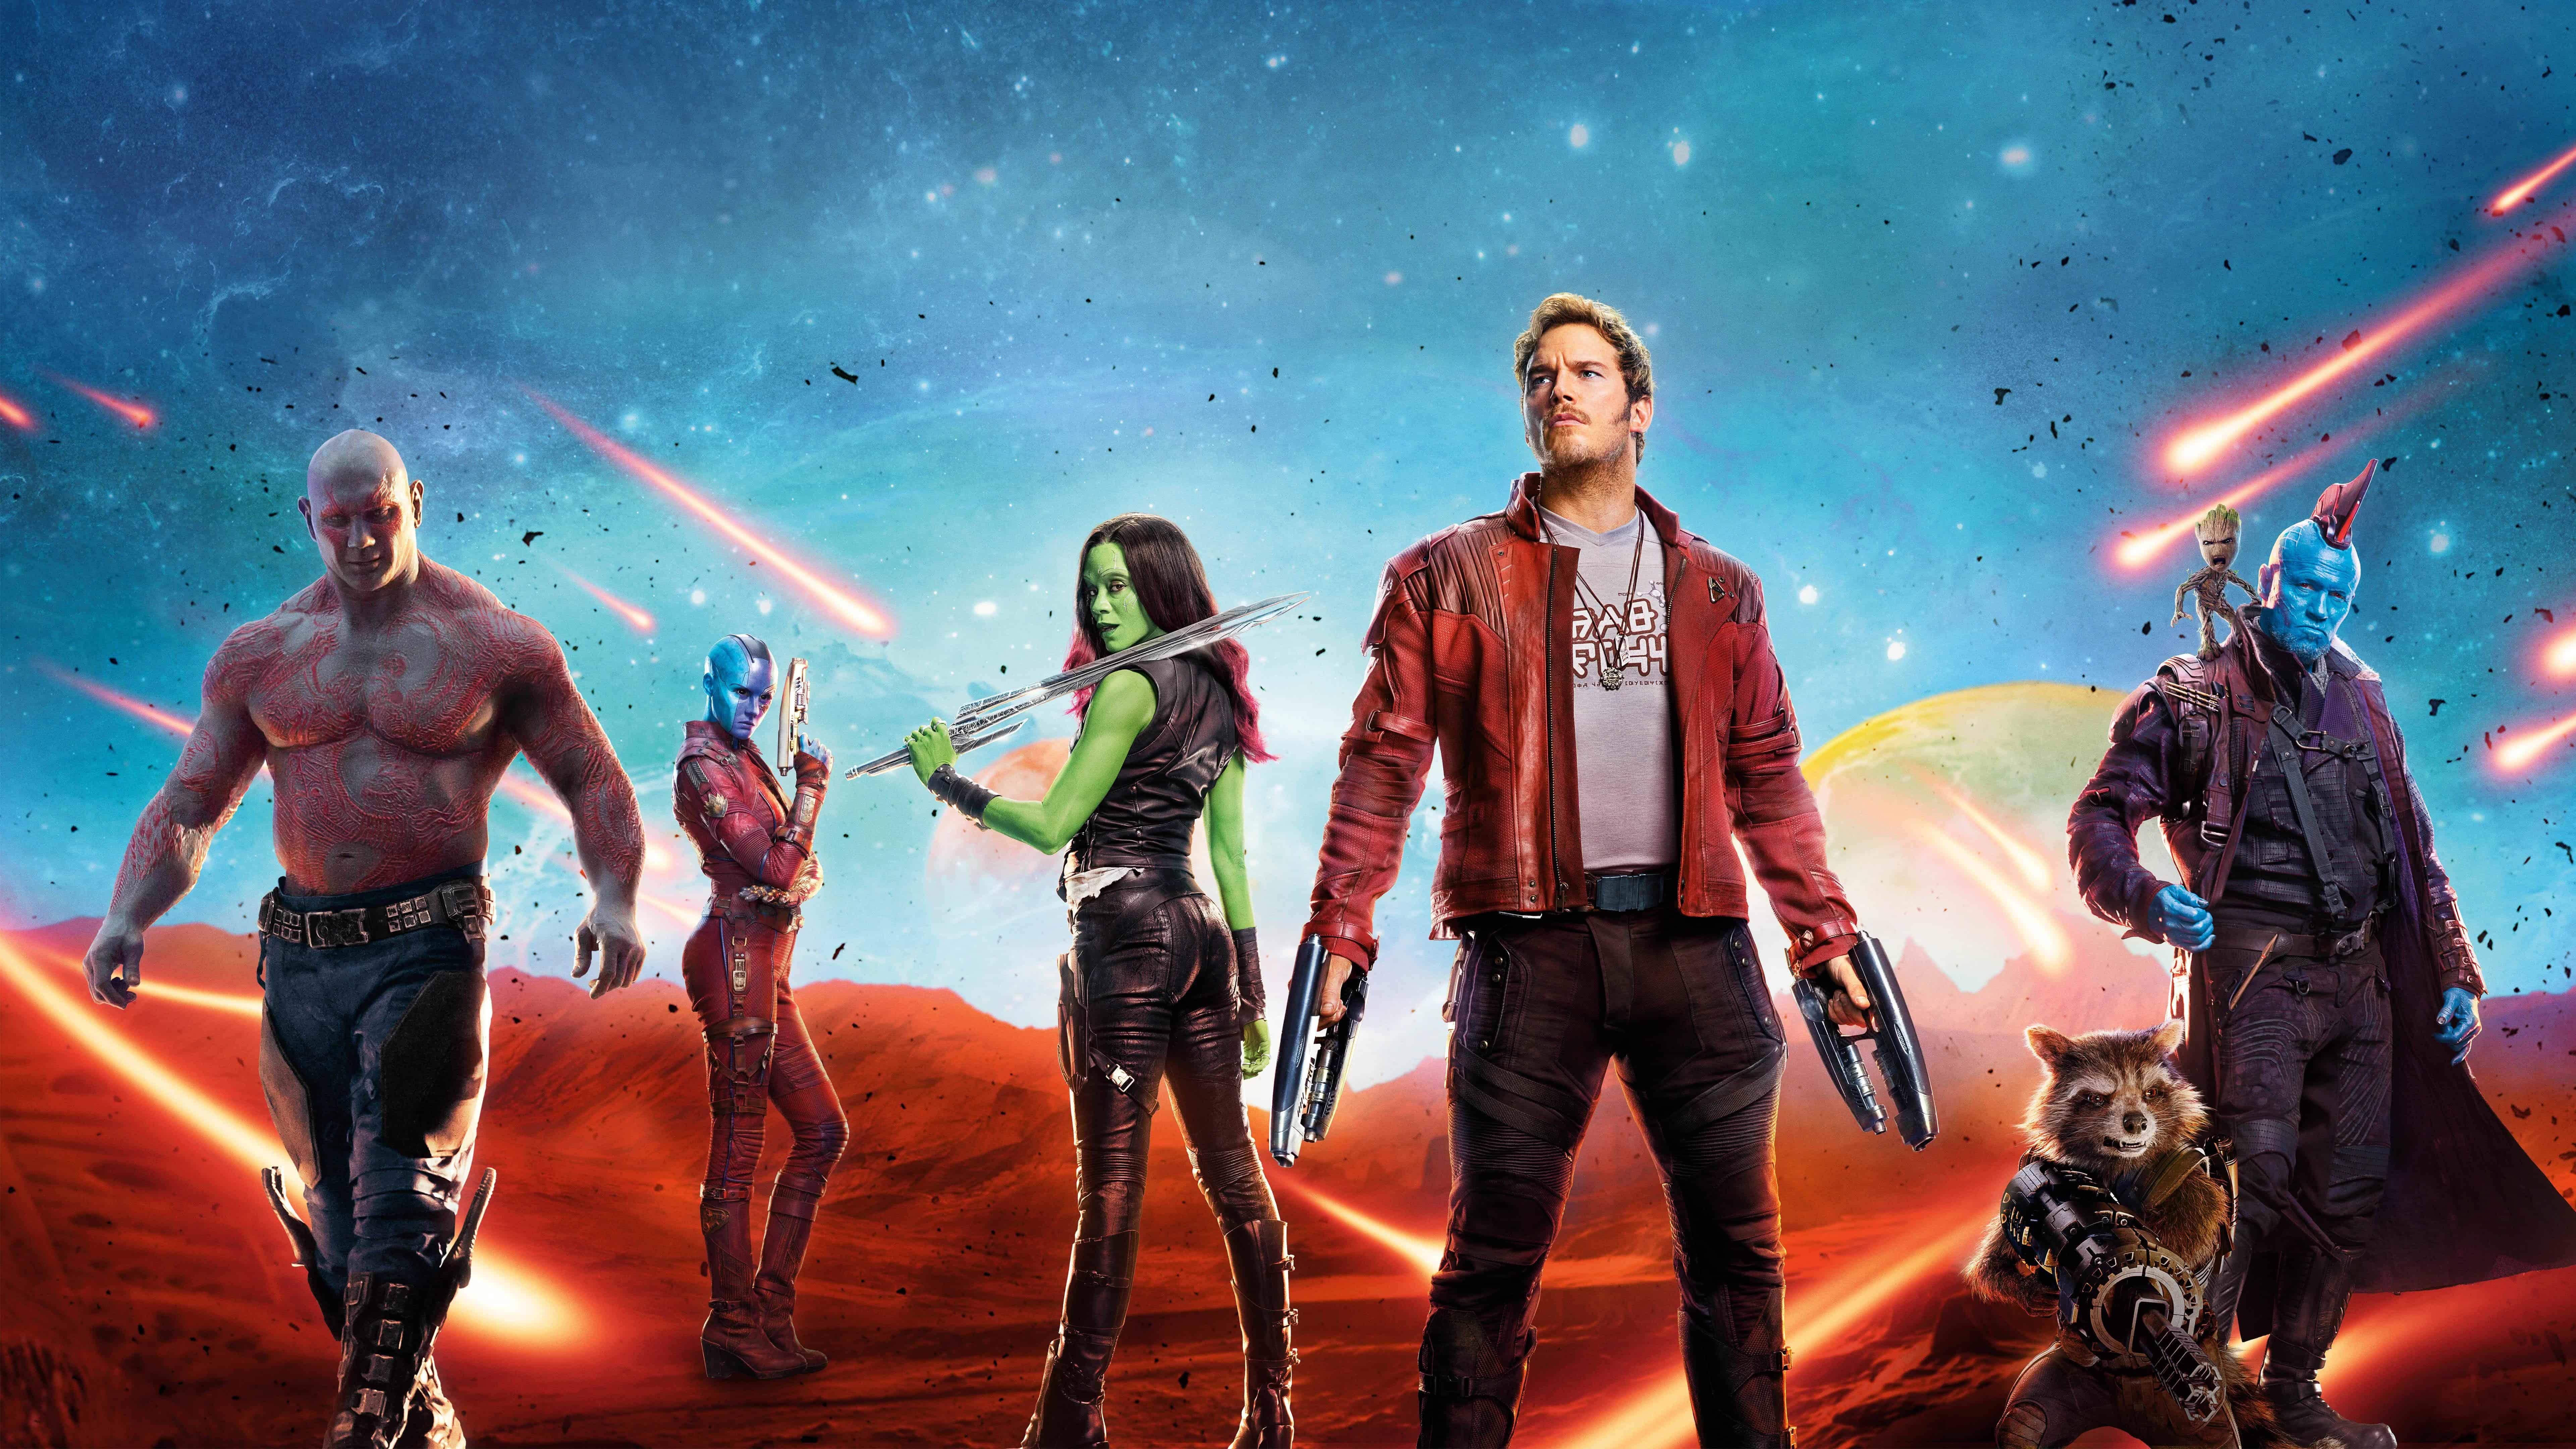 guardians of the galaxy vol 2 uhd 8k wallpaper